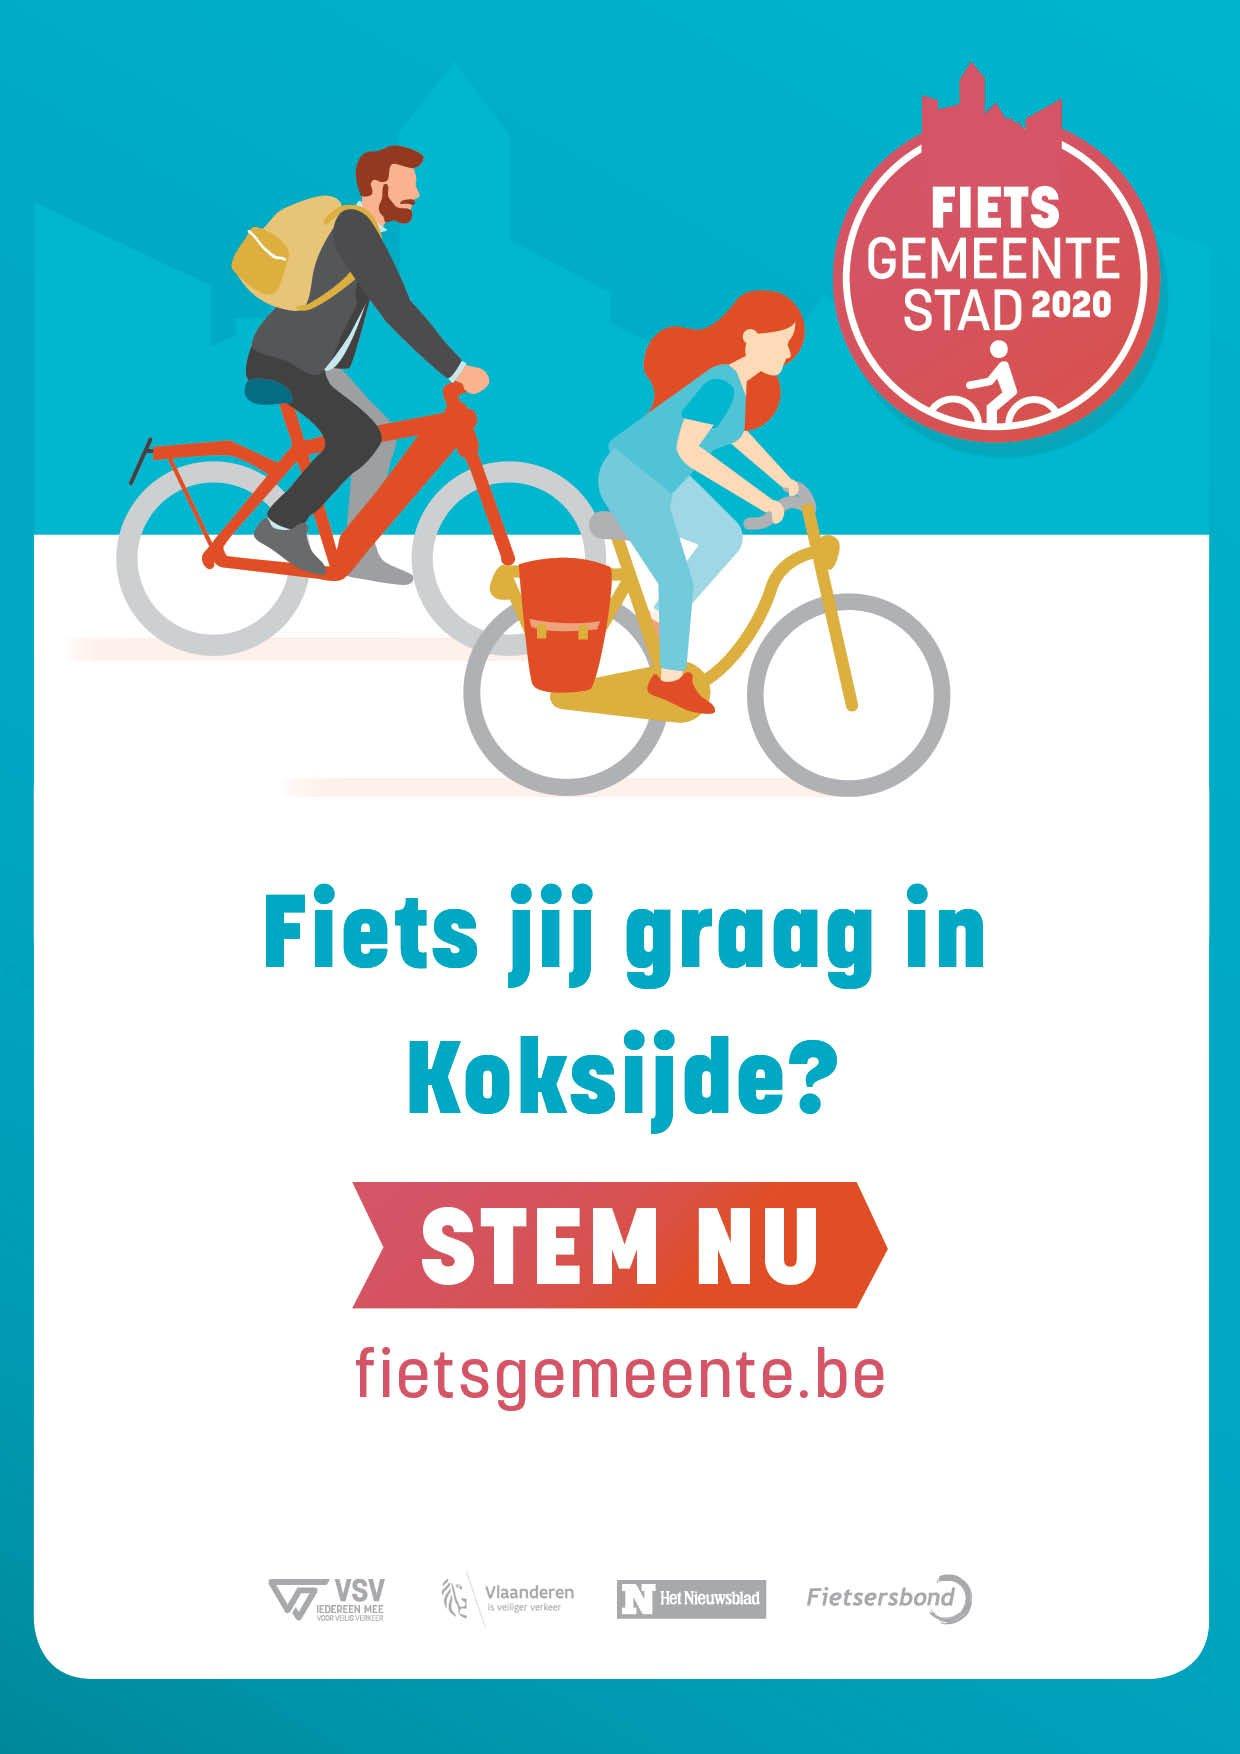 affiche fietsgemeente 2020